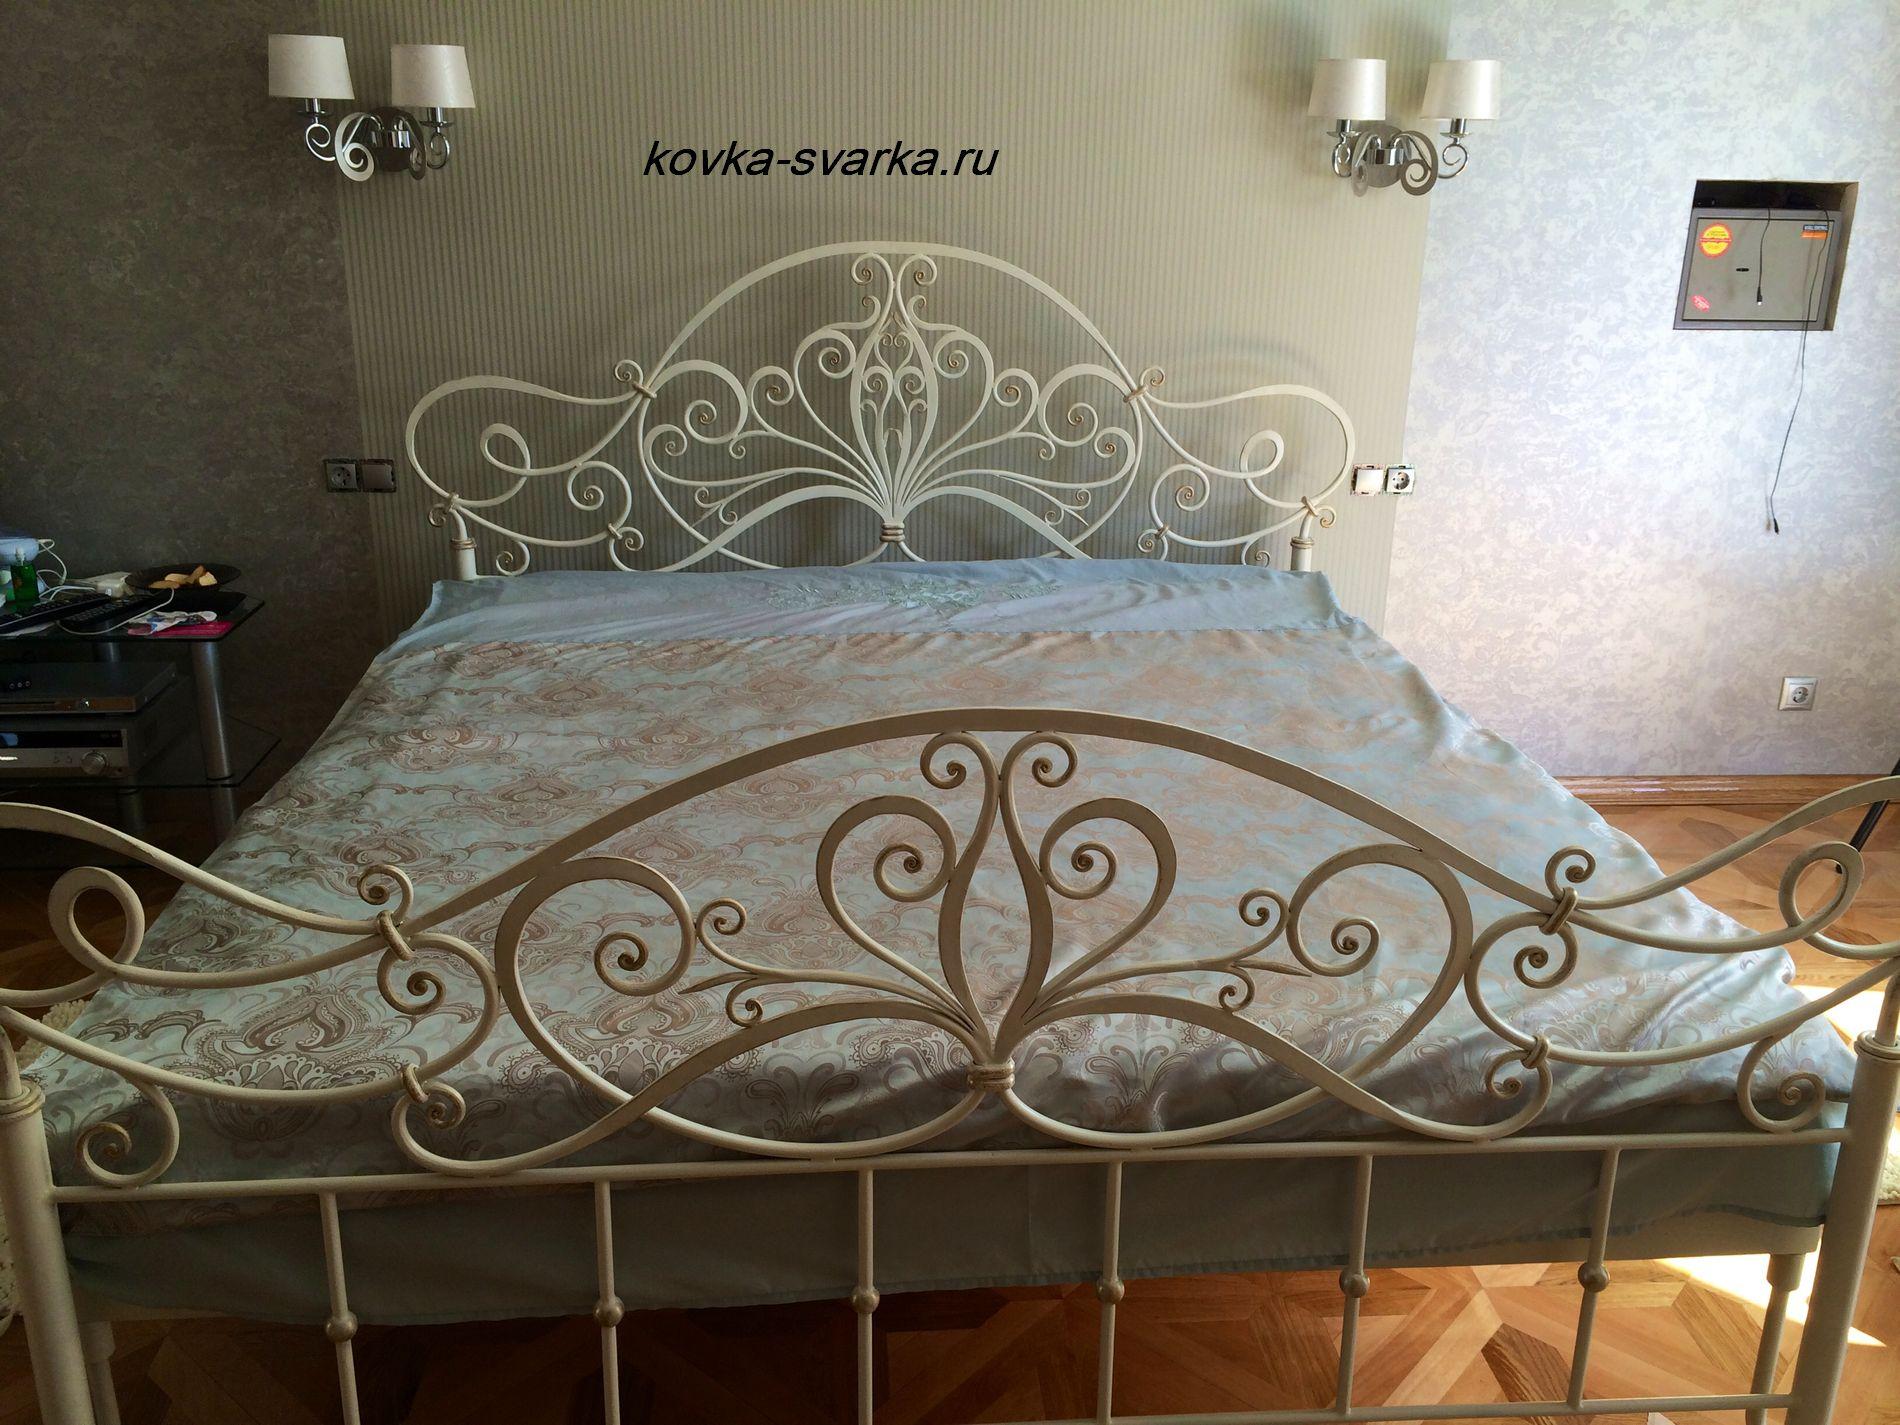 Фото кованой кровати